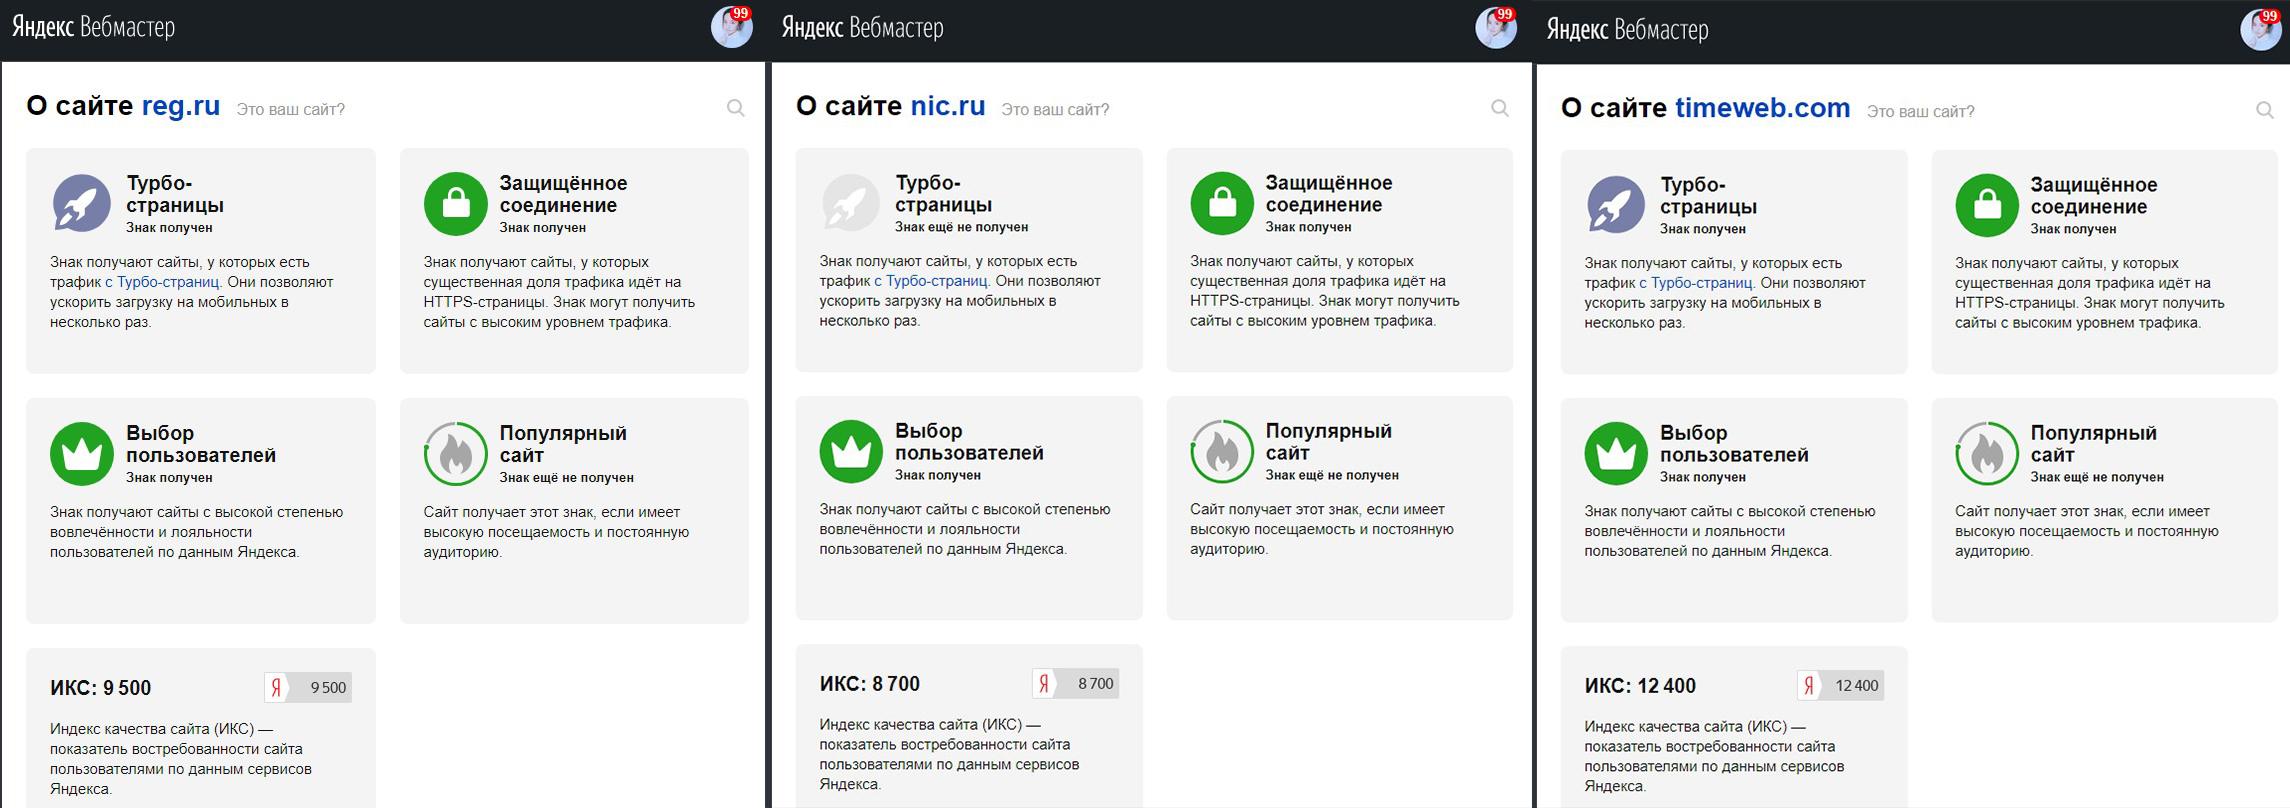 Сравнение индекса качества сайтов из первых трех результатов выдачи